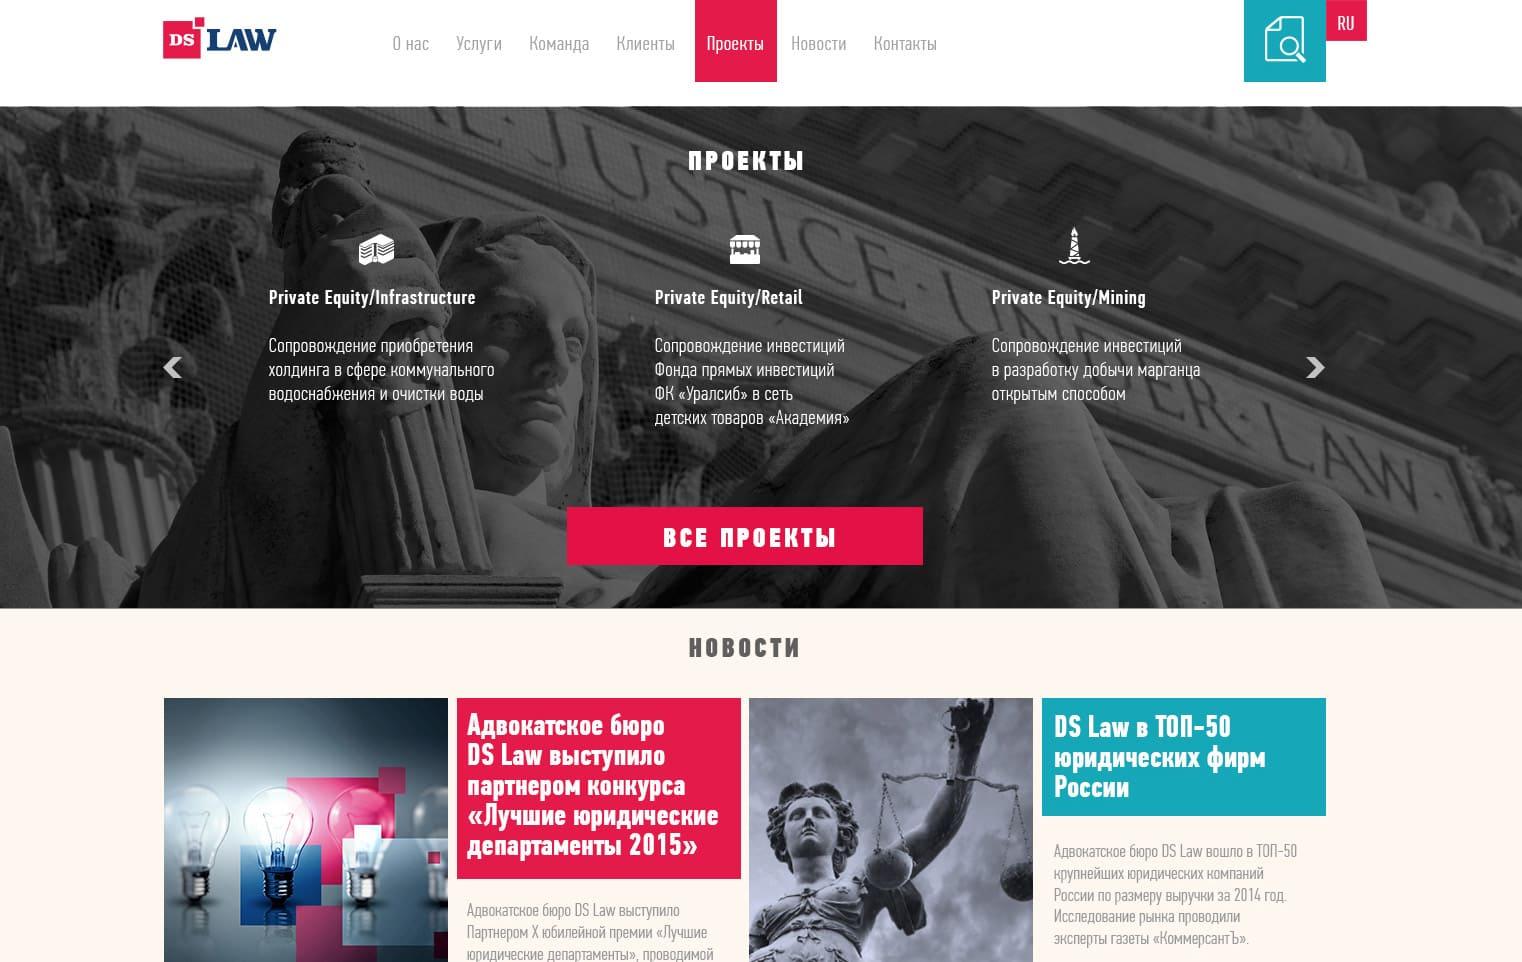 прокрутка страницы. Разработка веб дизайна сайта Ds Law. создать сайт юридических услуг